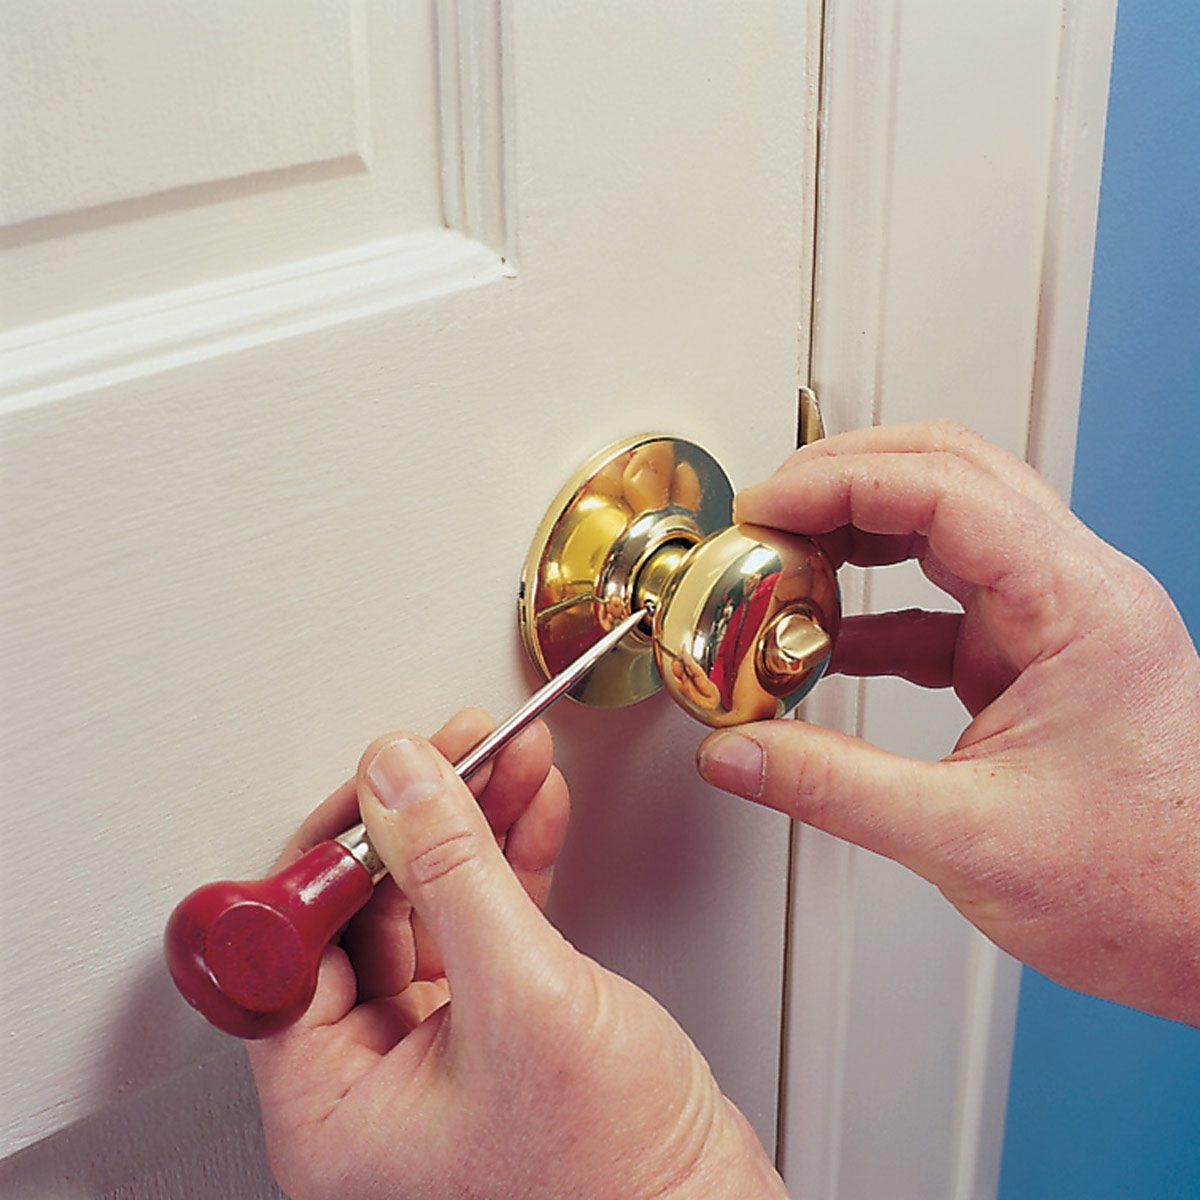 How to Fix a Loose Doorknob